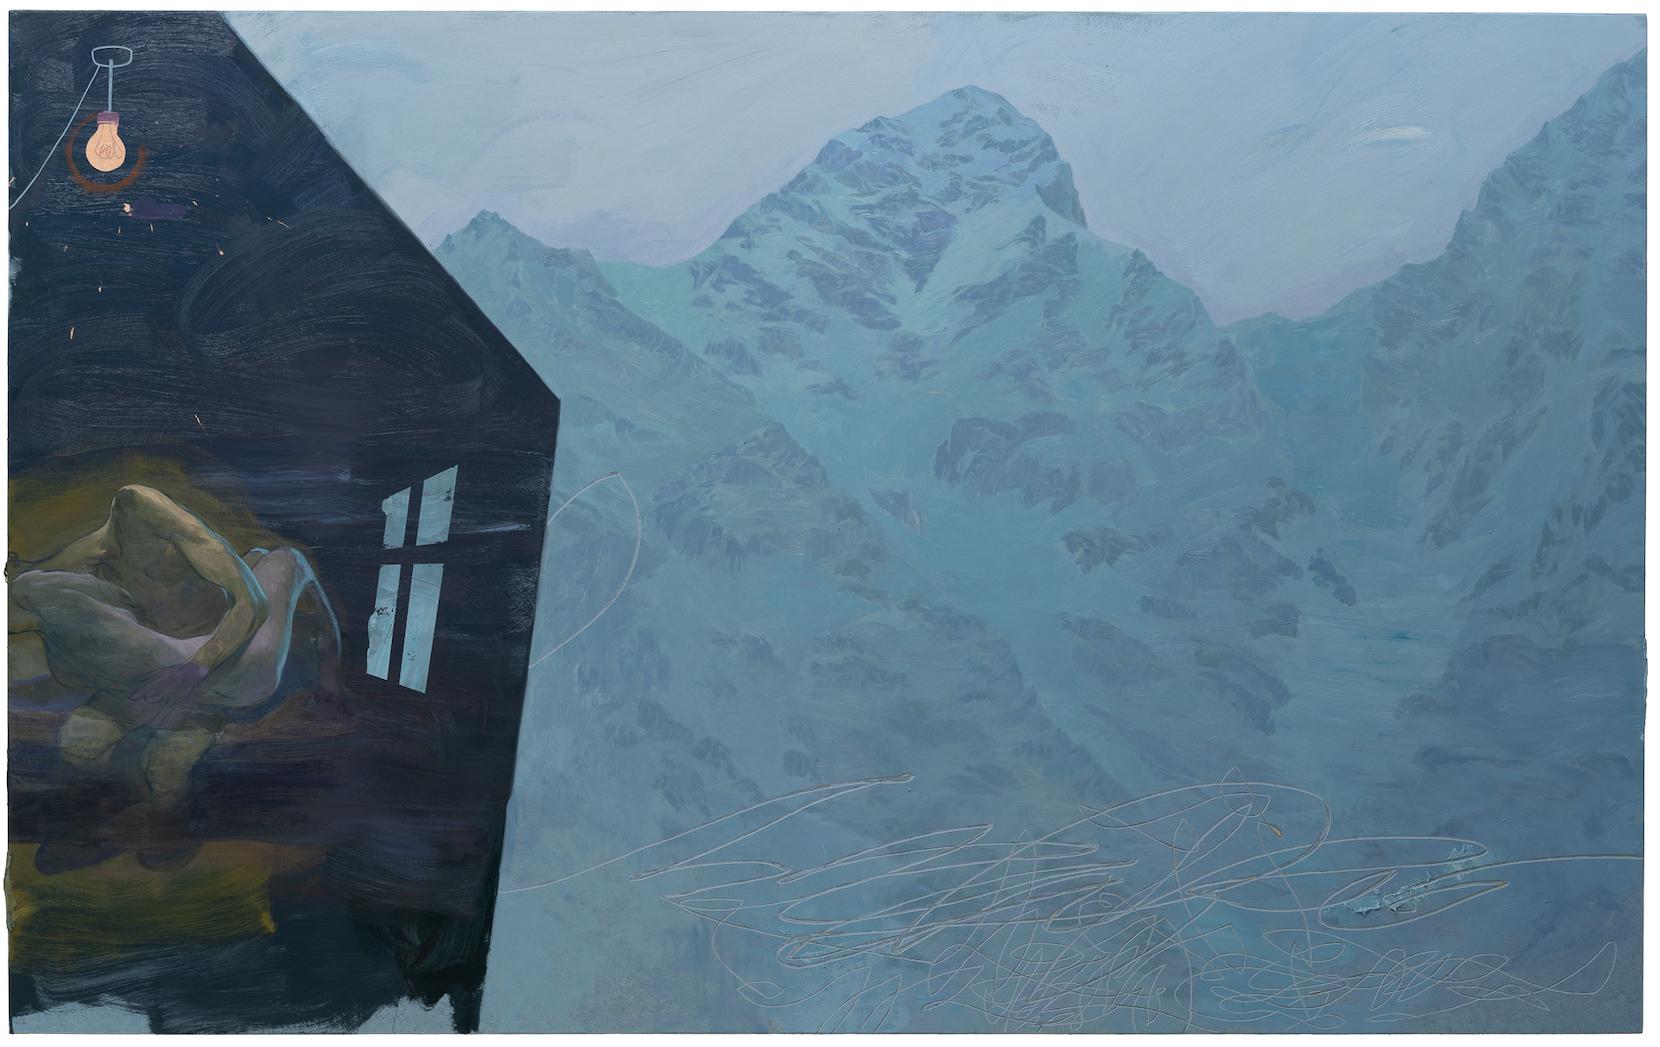 Ruprecht von Kaufmann, Die Alm, 2019, Ölbild Öl auf Linoleum auf Holz, 153 x 245 cm